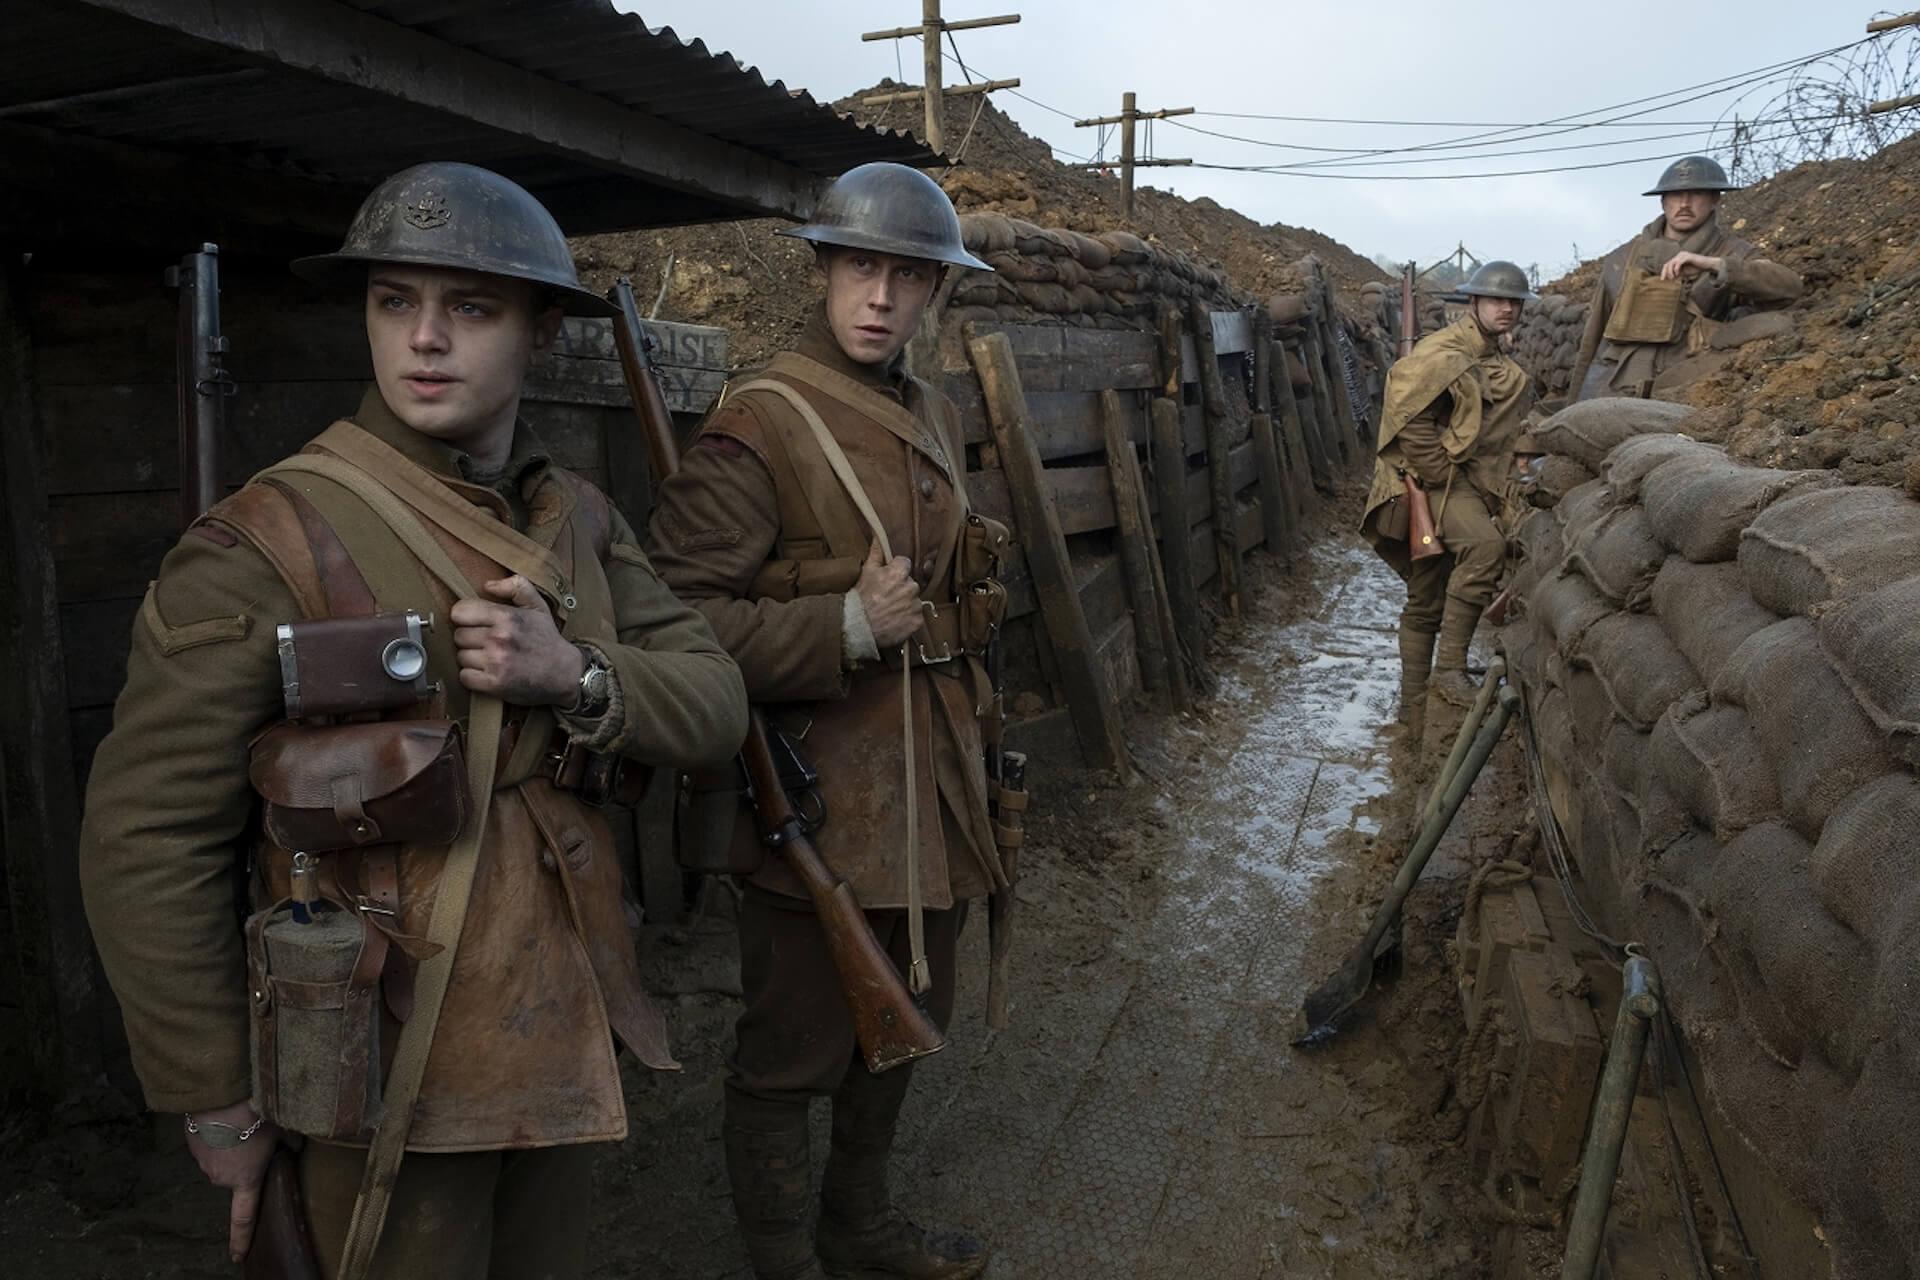 『1917 命をかけた伝令』でアカデミー賞を受賞したロジャー・ディーキンスと監督サム・メンデスが語るワンカット撮影のこだわりとは? film200220_1917maiking_07